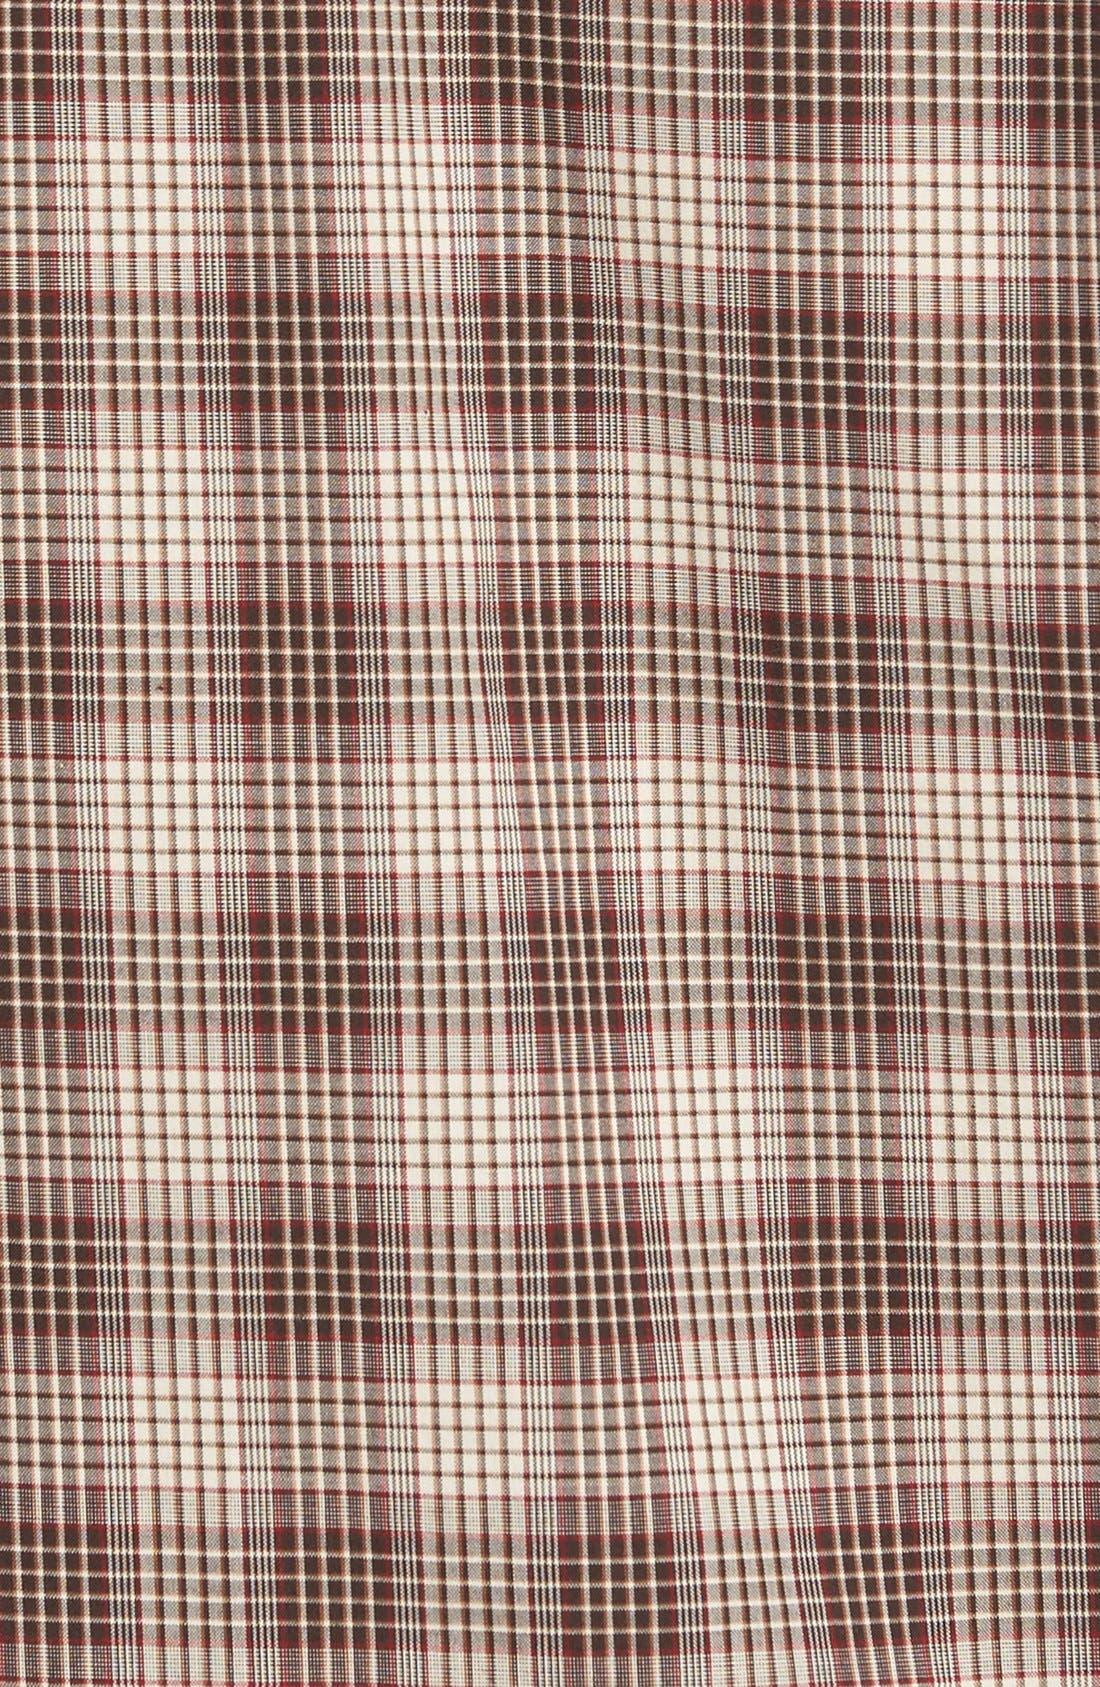 'Ridge' Plaid Cotton Poplin Sport Shirt,                             Alternate thumbnail 3, color,                             200